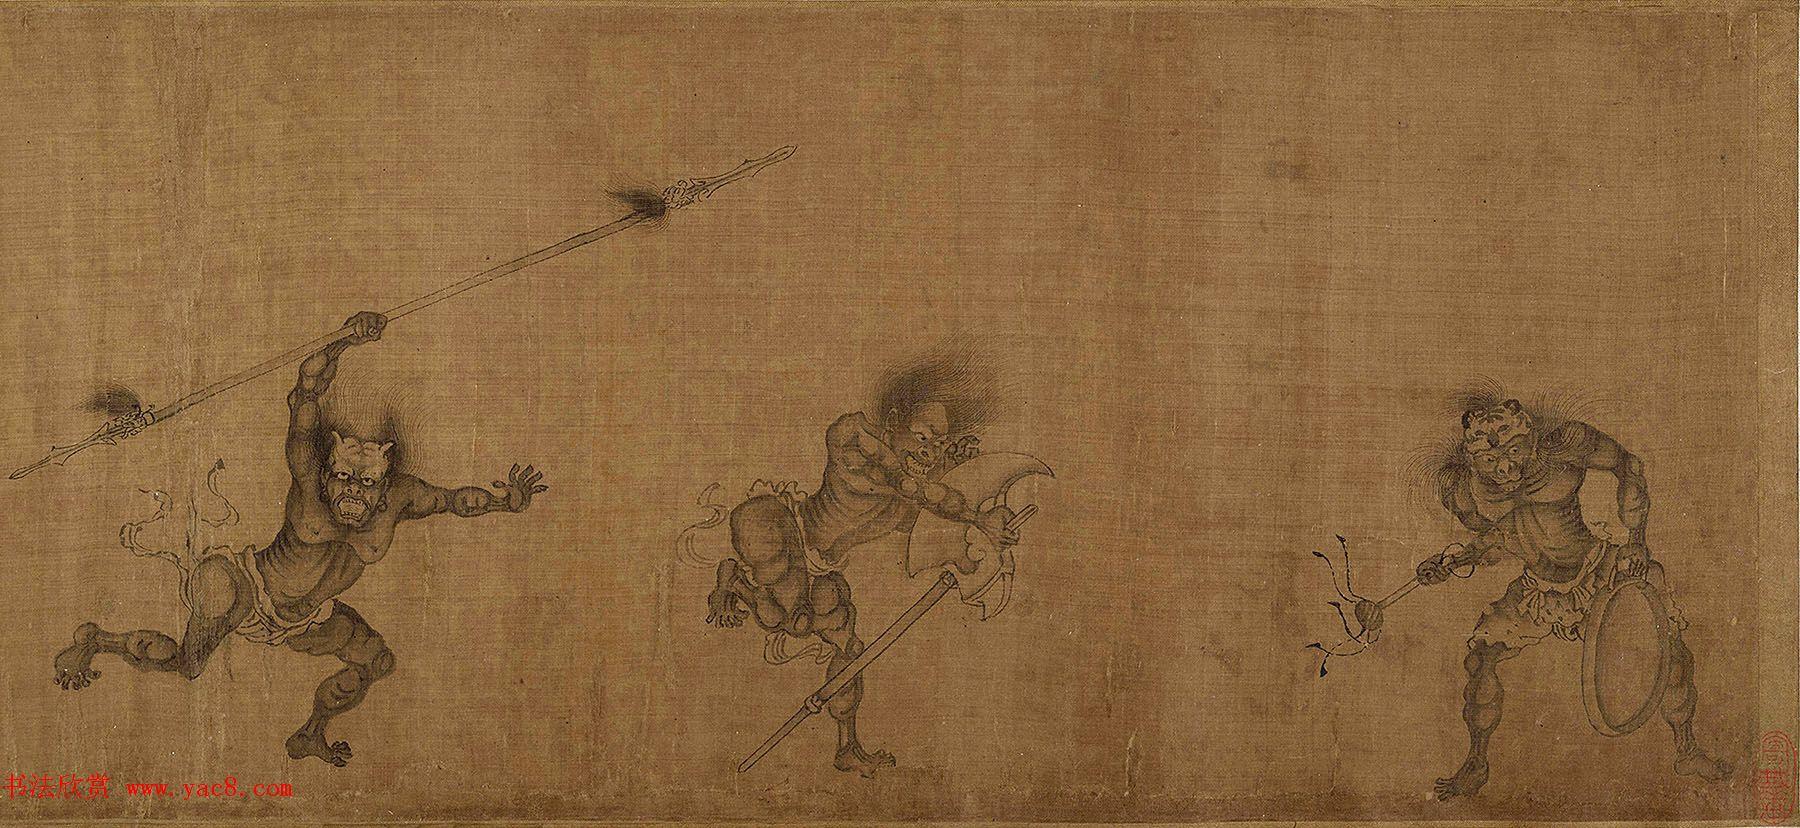 颜庚《钟馗嫁妹图》和《钟馗雨夜出游图》